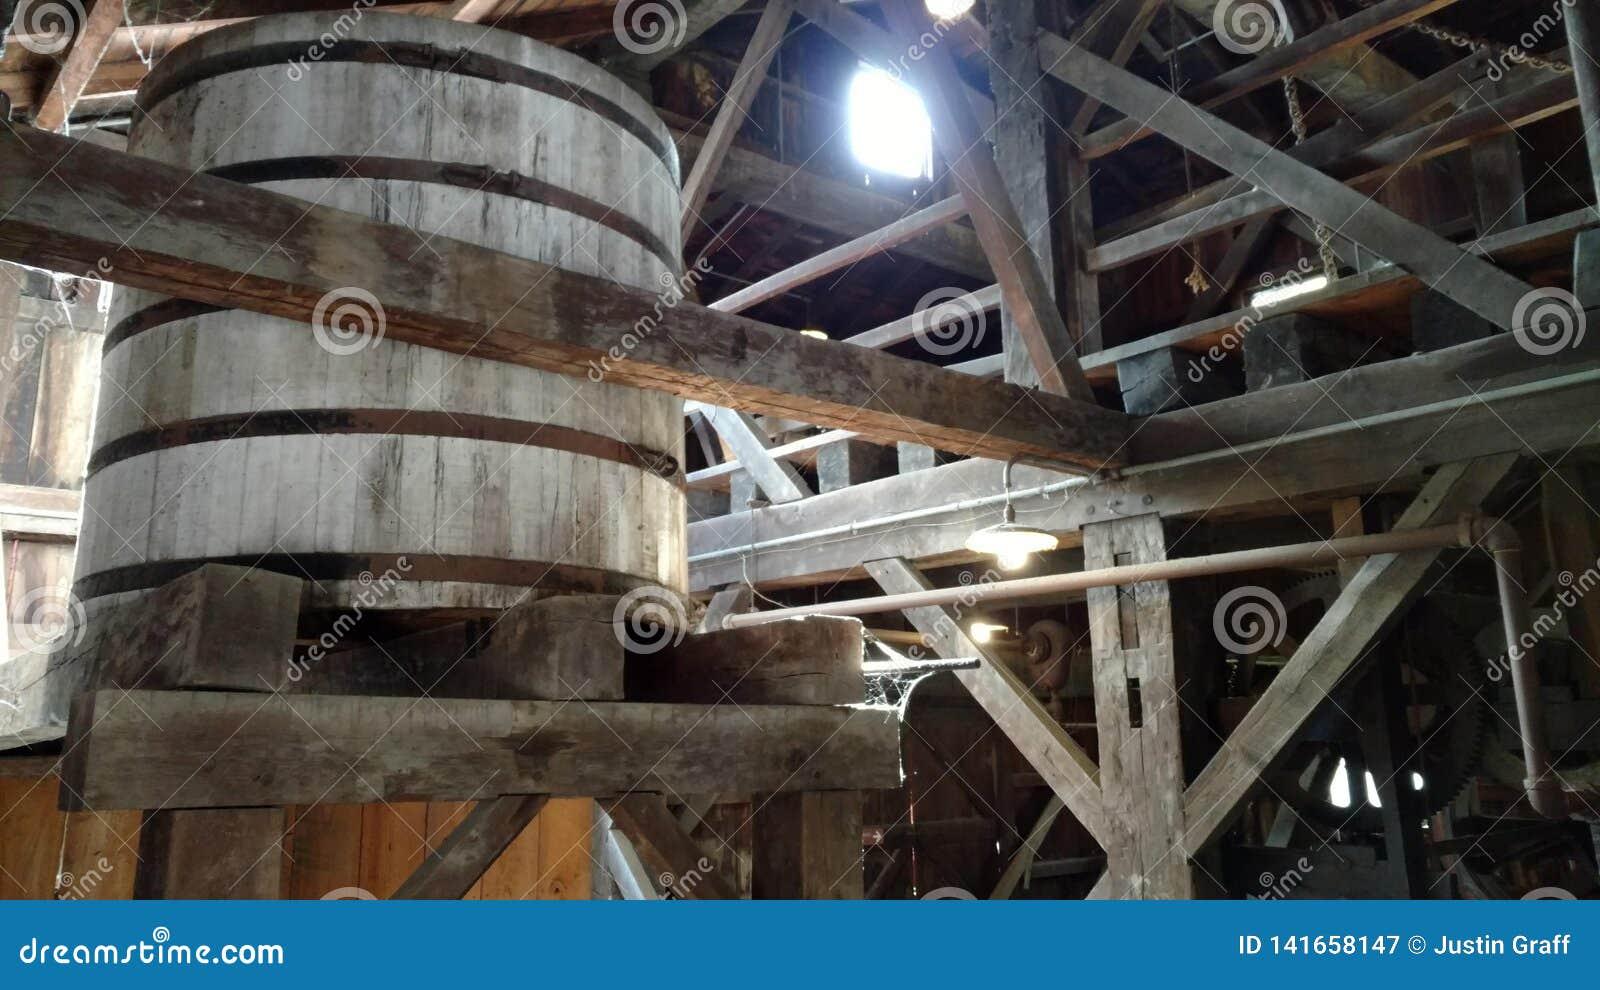 De watertoren in een zaagmolen met spinnewebben als zonlicht glanst door